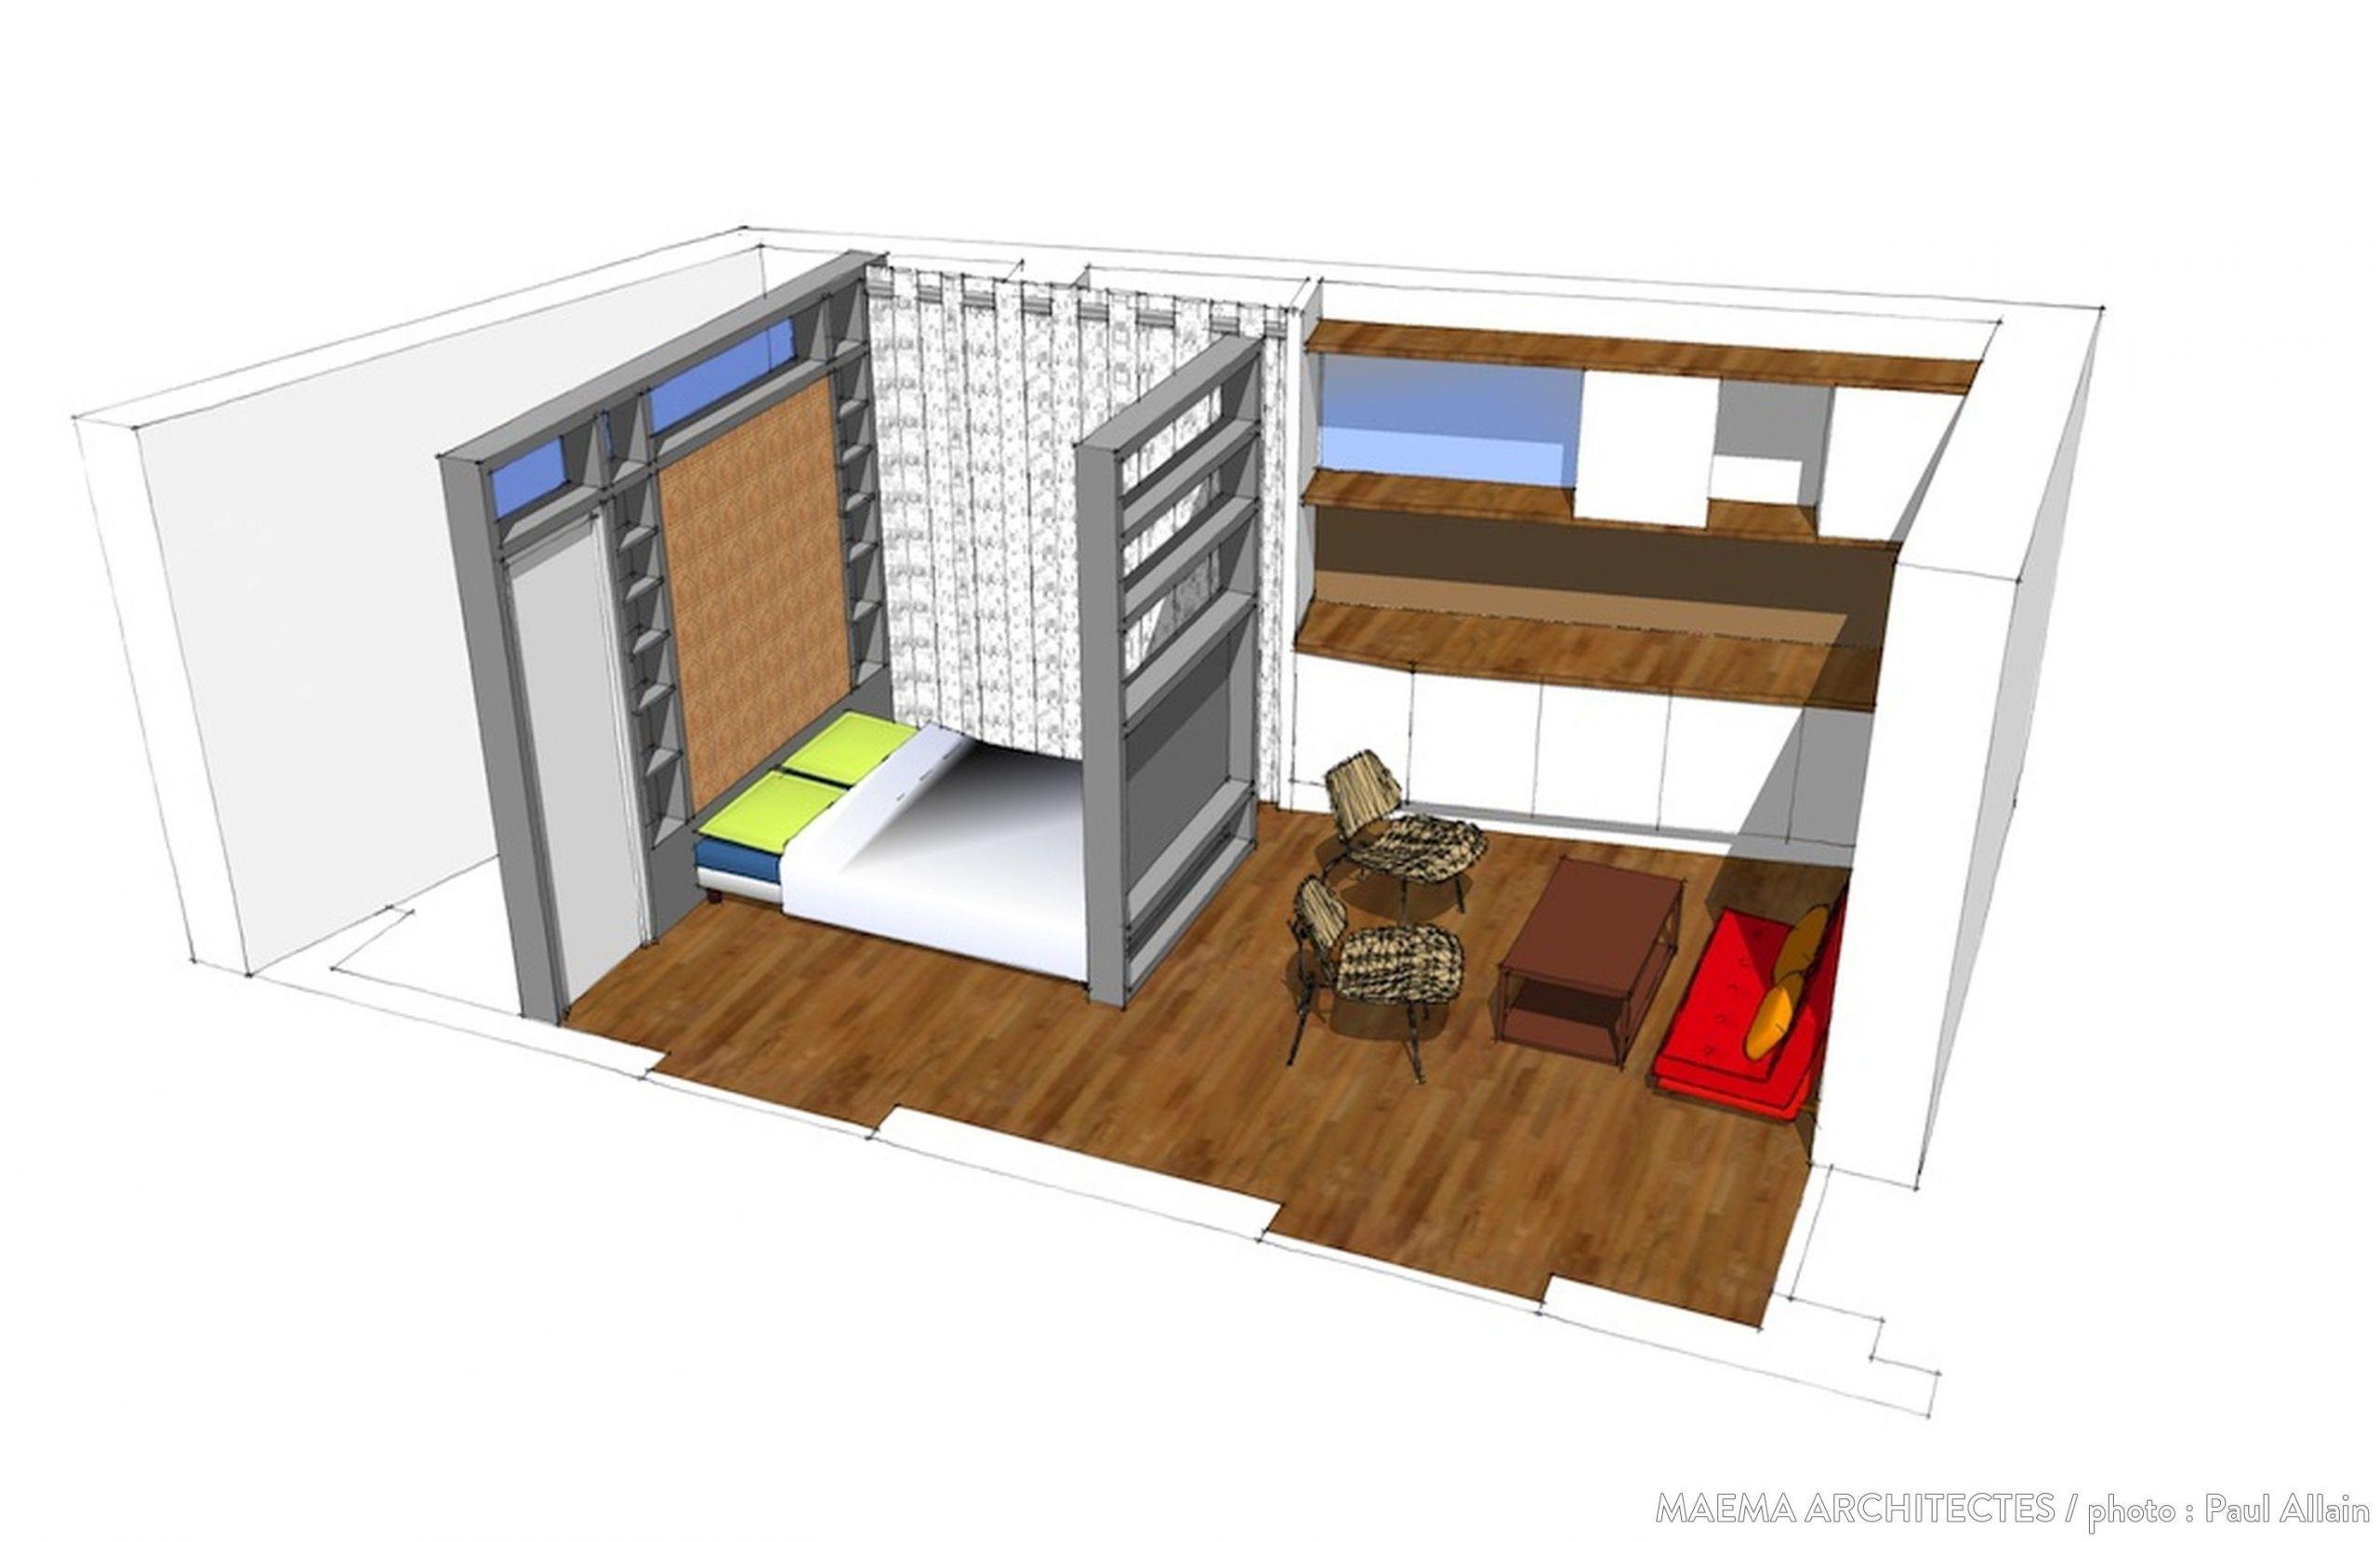 Maquette d aménagement d un studio Plans